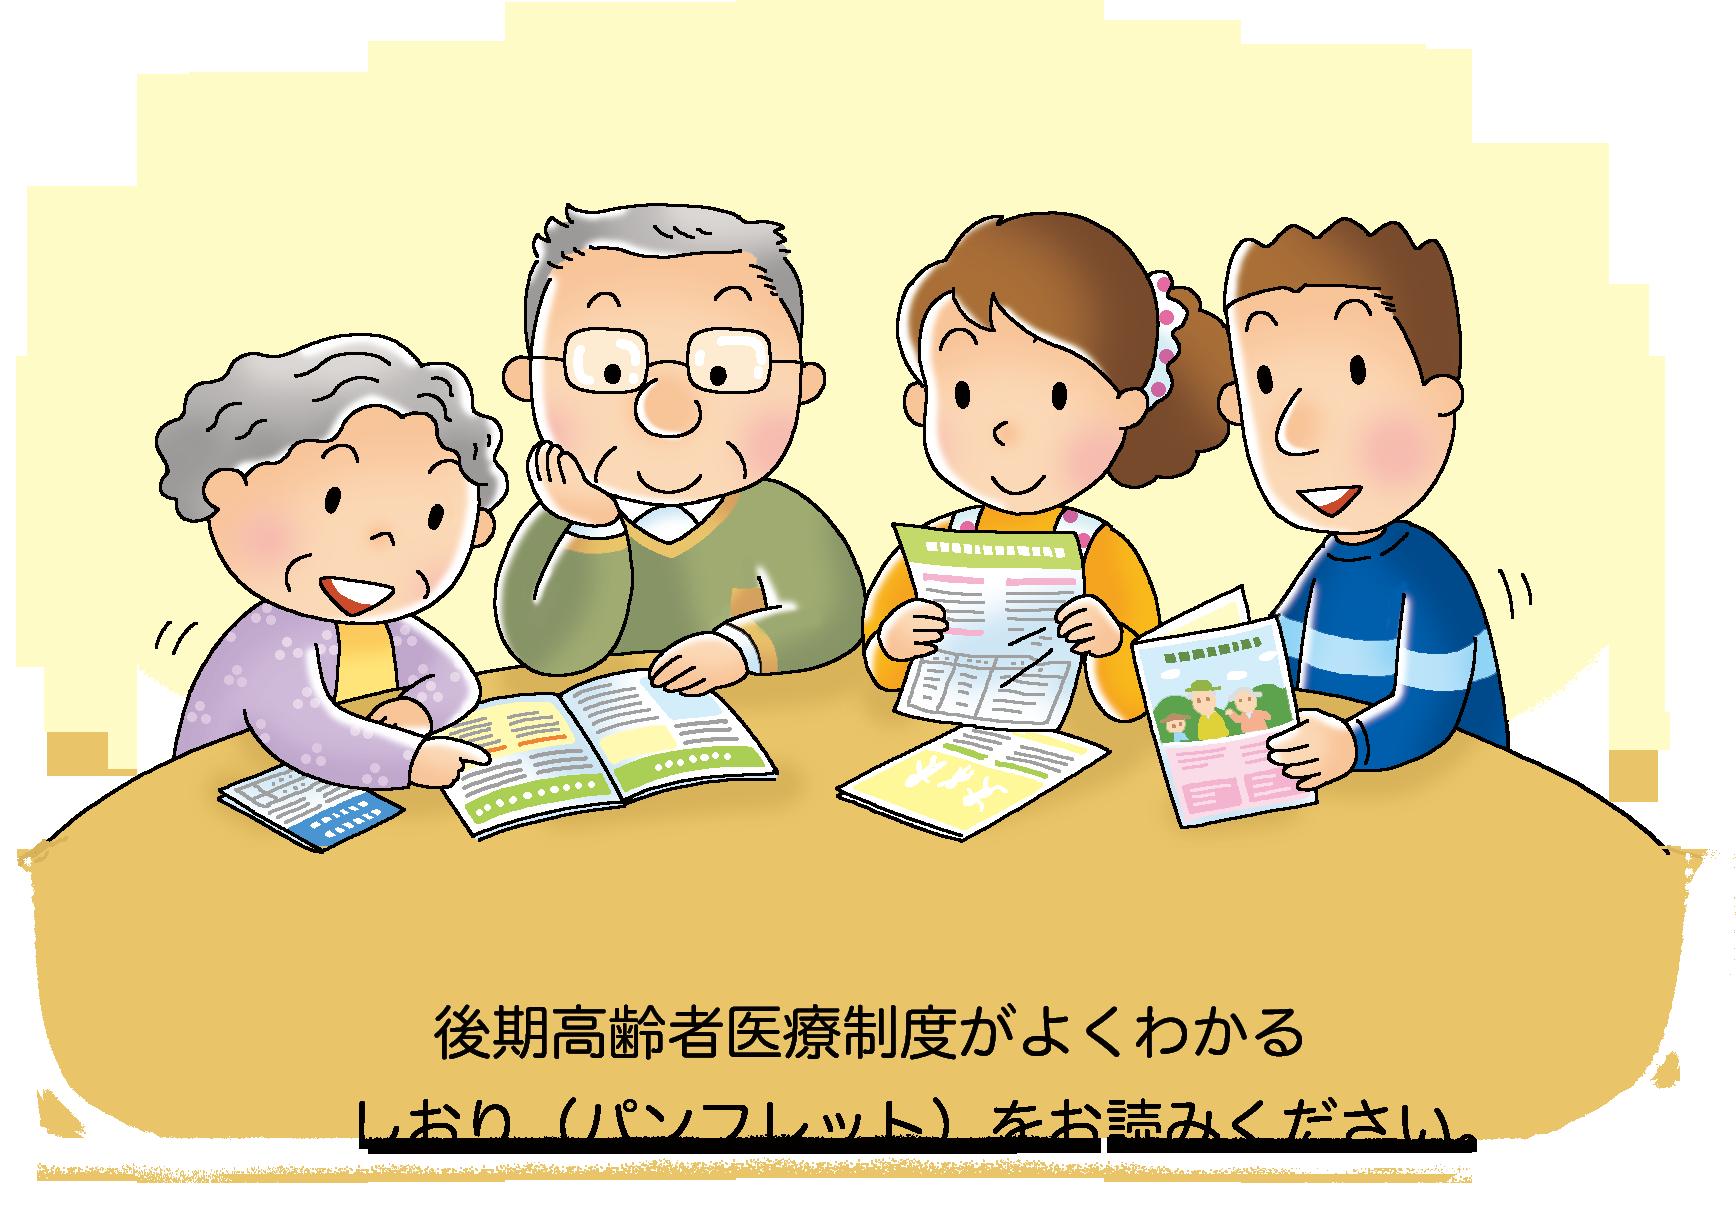 高齢者夫婦とその家族でパンフレットを見ている画像